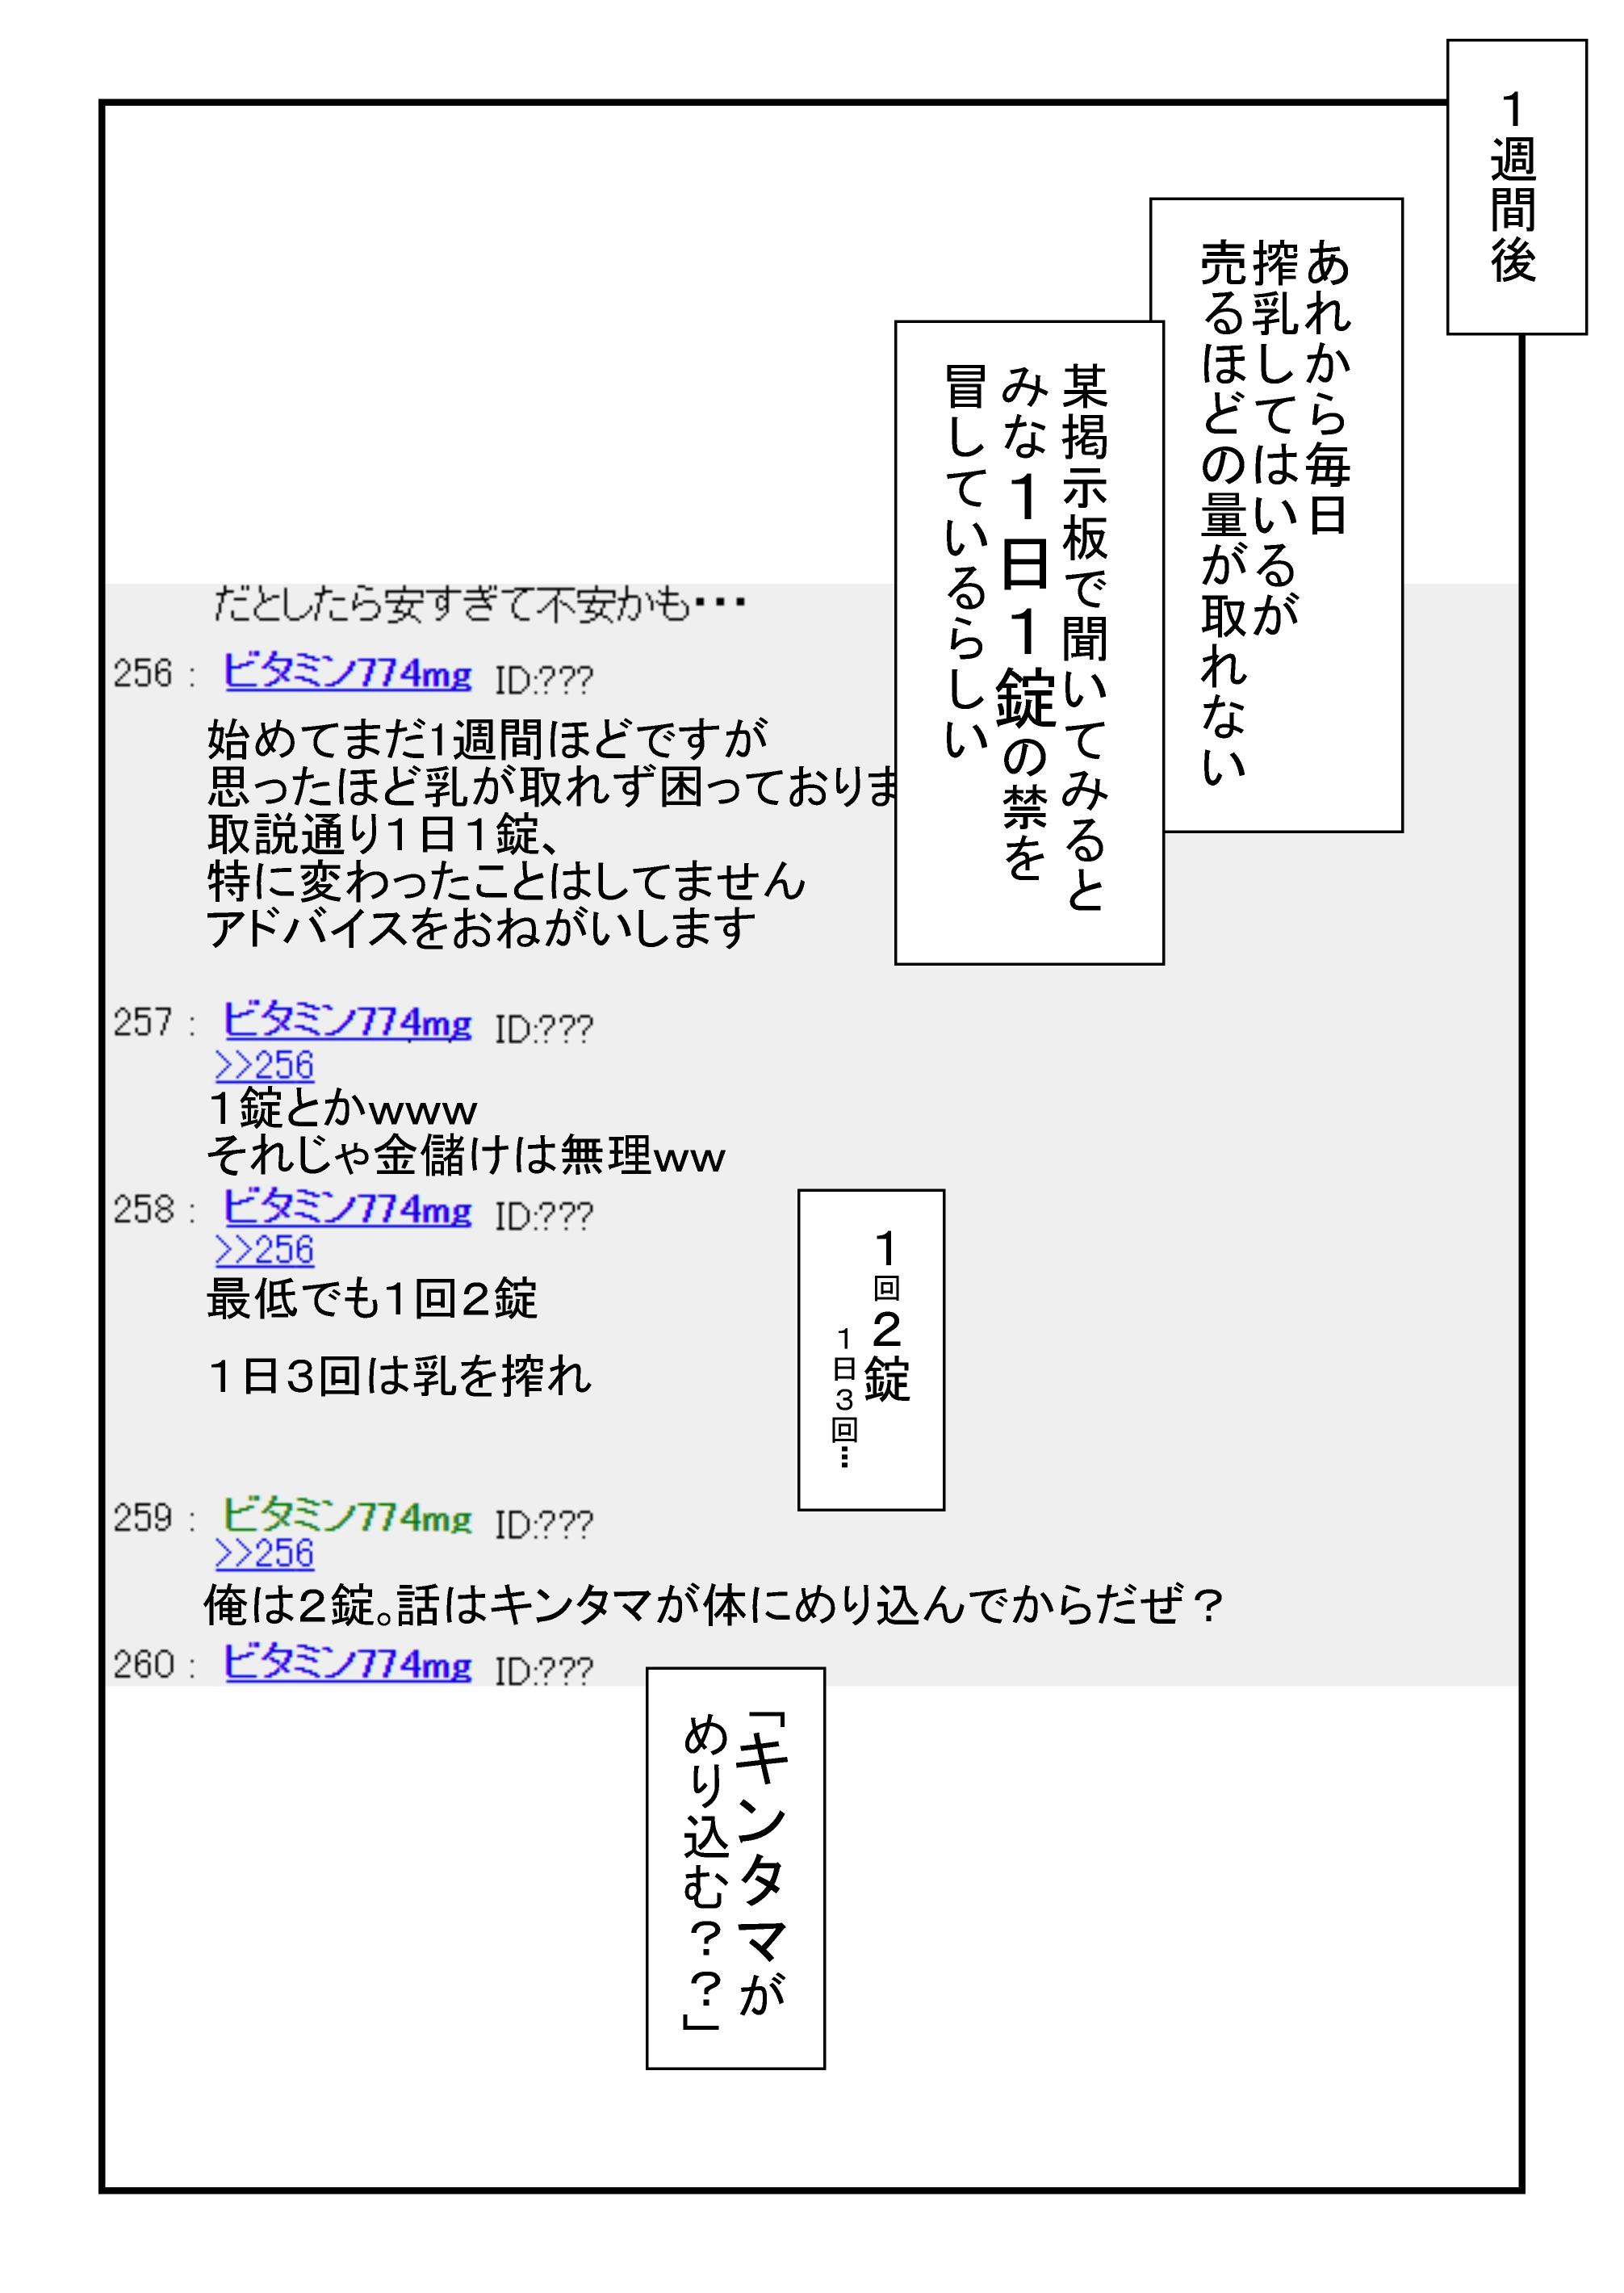 gyu_0004.jpg